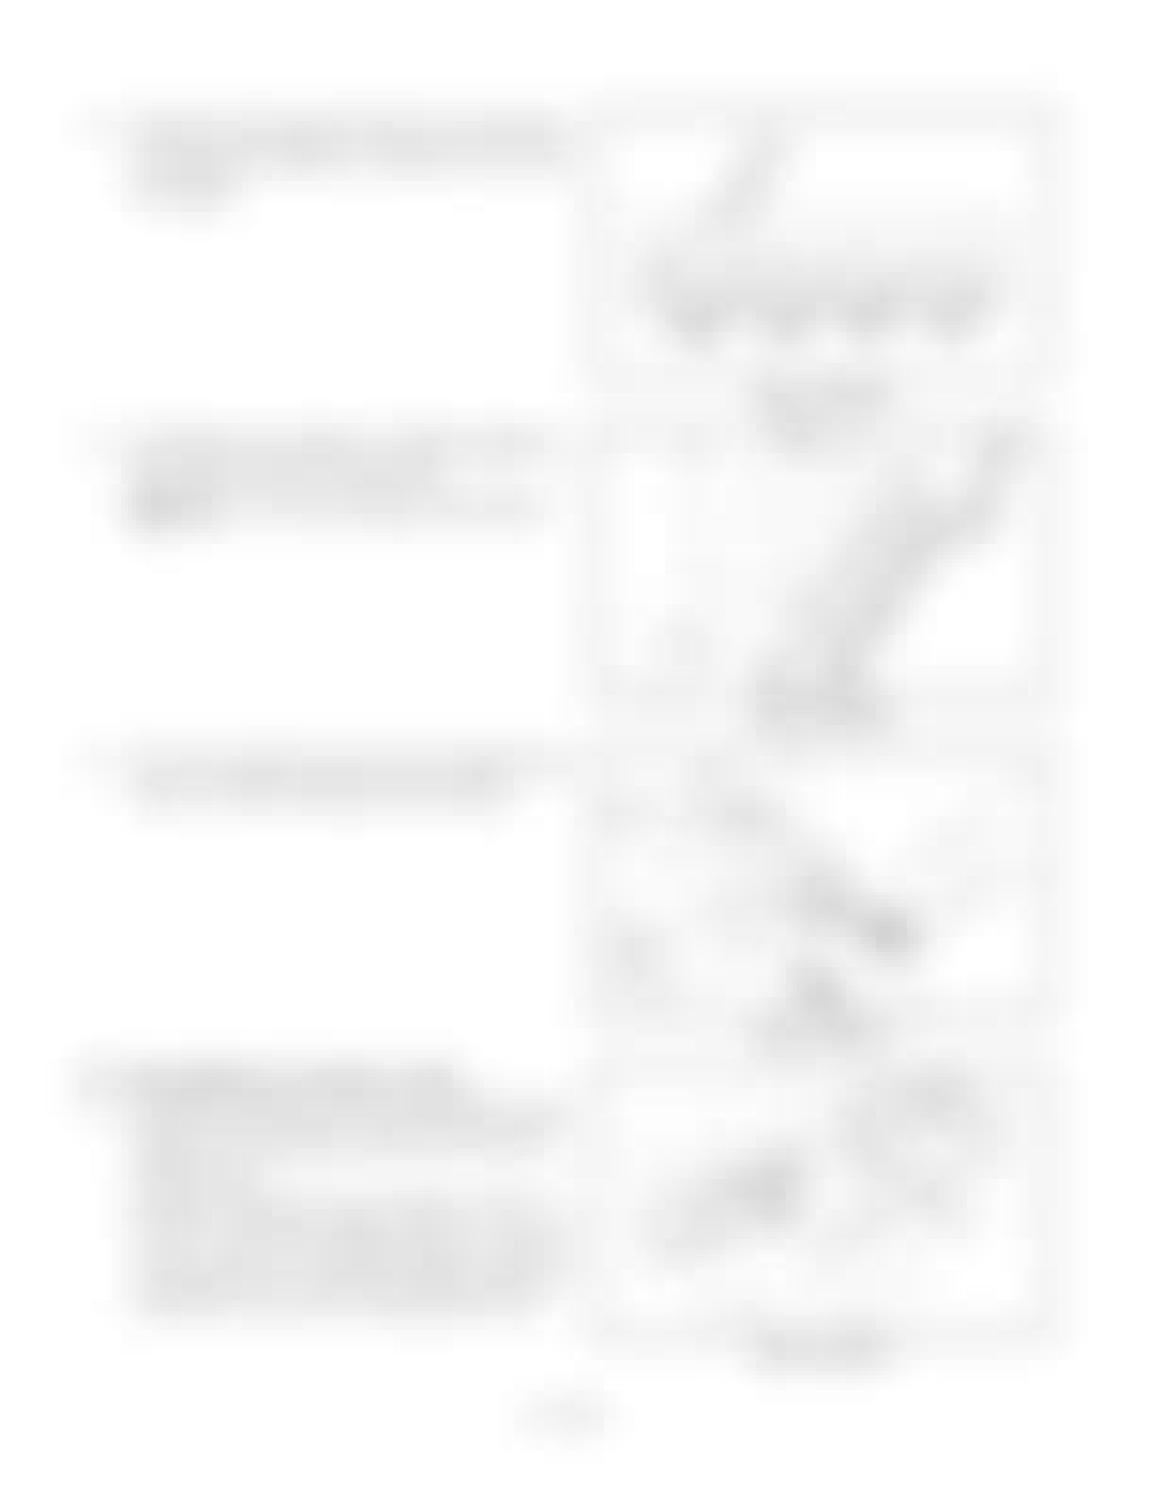 Hitachi LX110-7 LX130-7 LX160-7 LX190-7 LX230-7 Wheel Loader Workshop Manual - PDF DOWNLOAD page 70